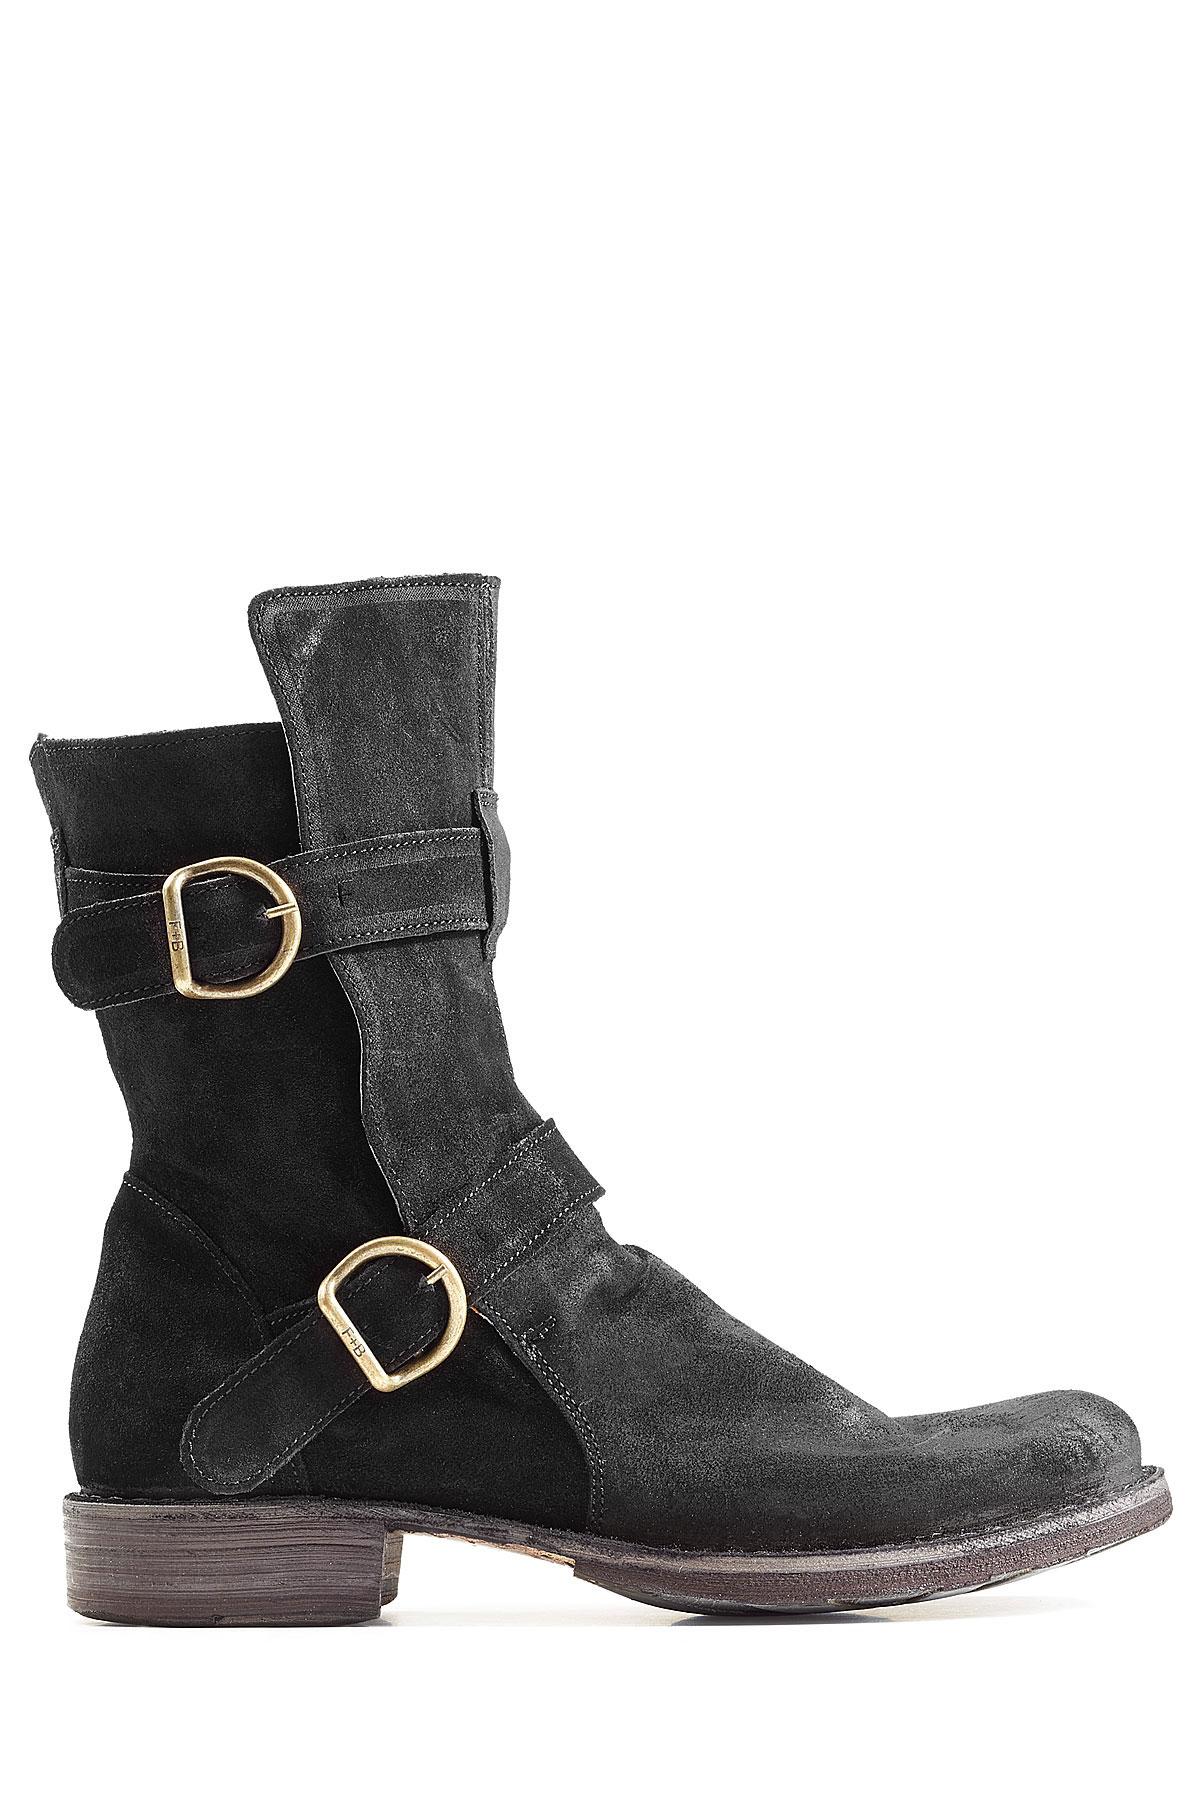 fiorentini baker suede boots black in black for men lyst. Black Bedroom Furniture Sets. Home Design Ideas